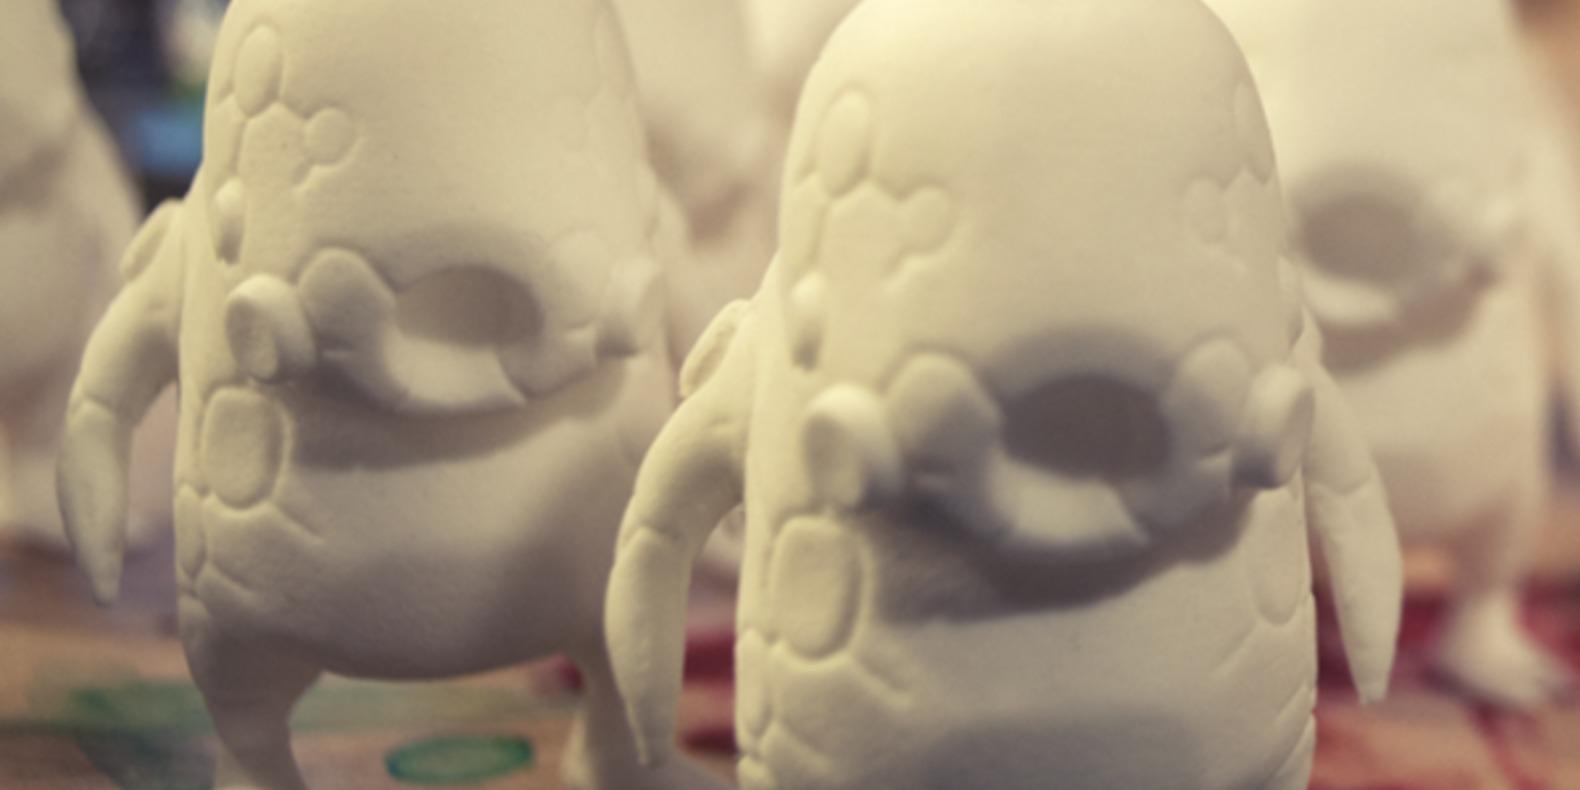 Mecha blob art toy nic meier chicago artist 3D printed imprimé en 3D stl fichier file cults 5